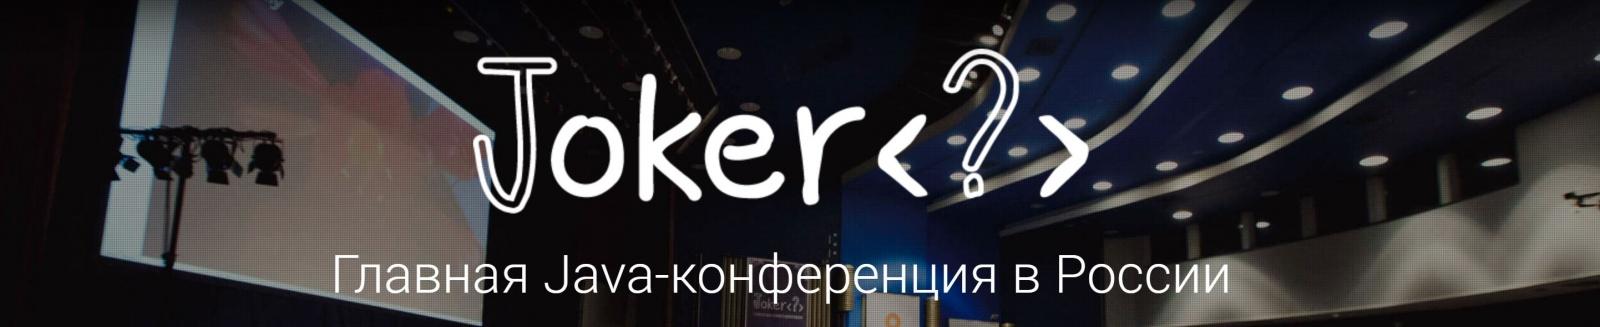 Бесплатная YouTube-трансляция Joker 2017: Java 9, Concurrency, GC, Spring и, конечно, паззлеры - 1